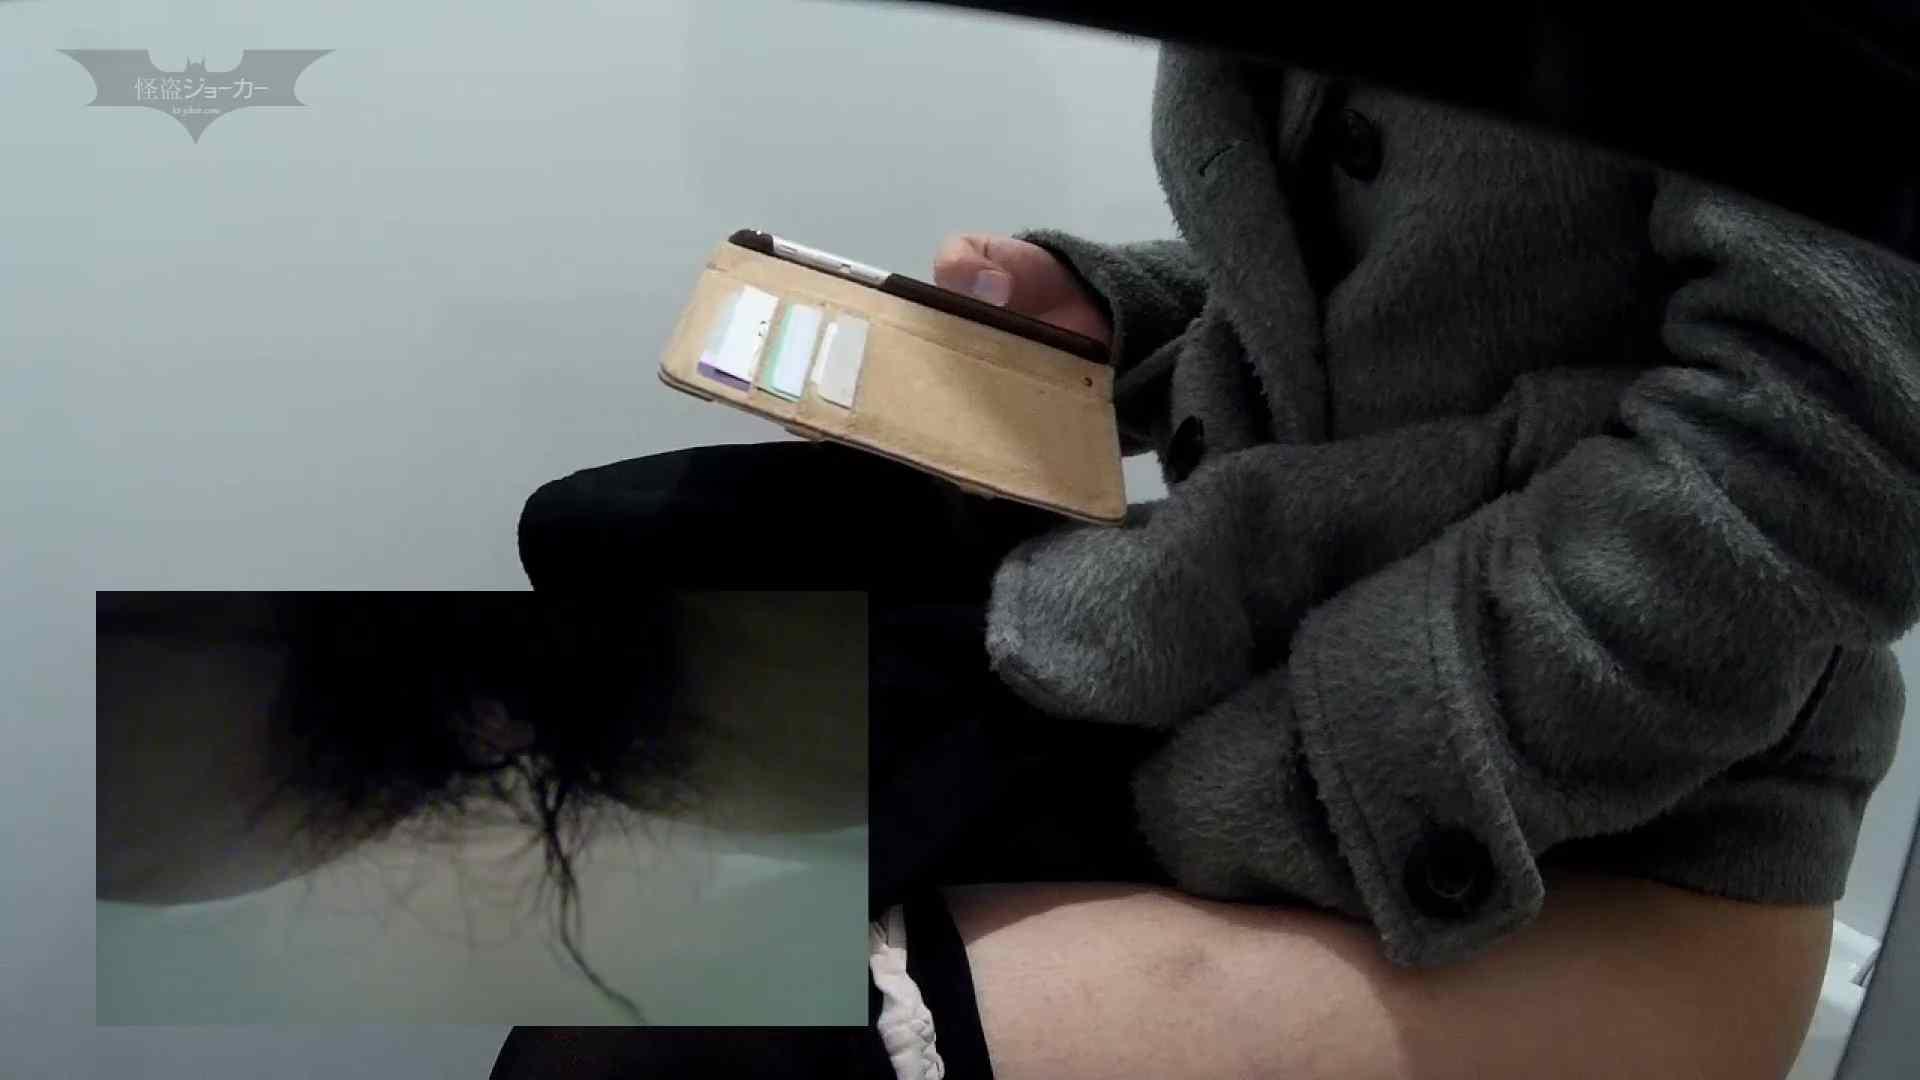 有名大学女性洗面所 vol.58 アンダーヘアーも冬支度? 潜入 AV無料動画キャプチャ 111画像 77